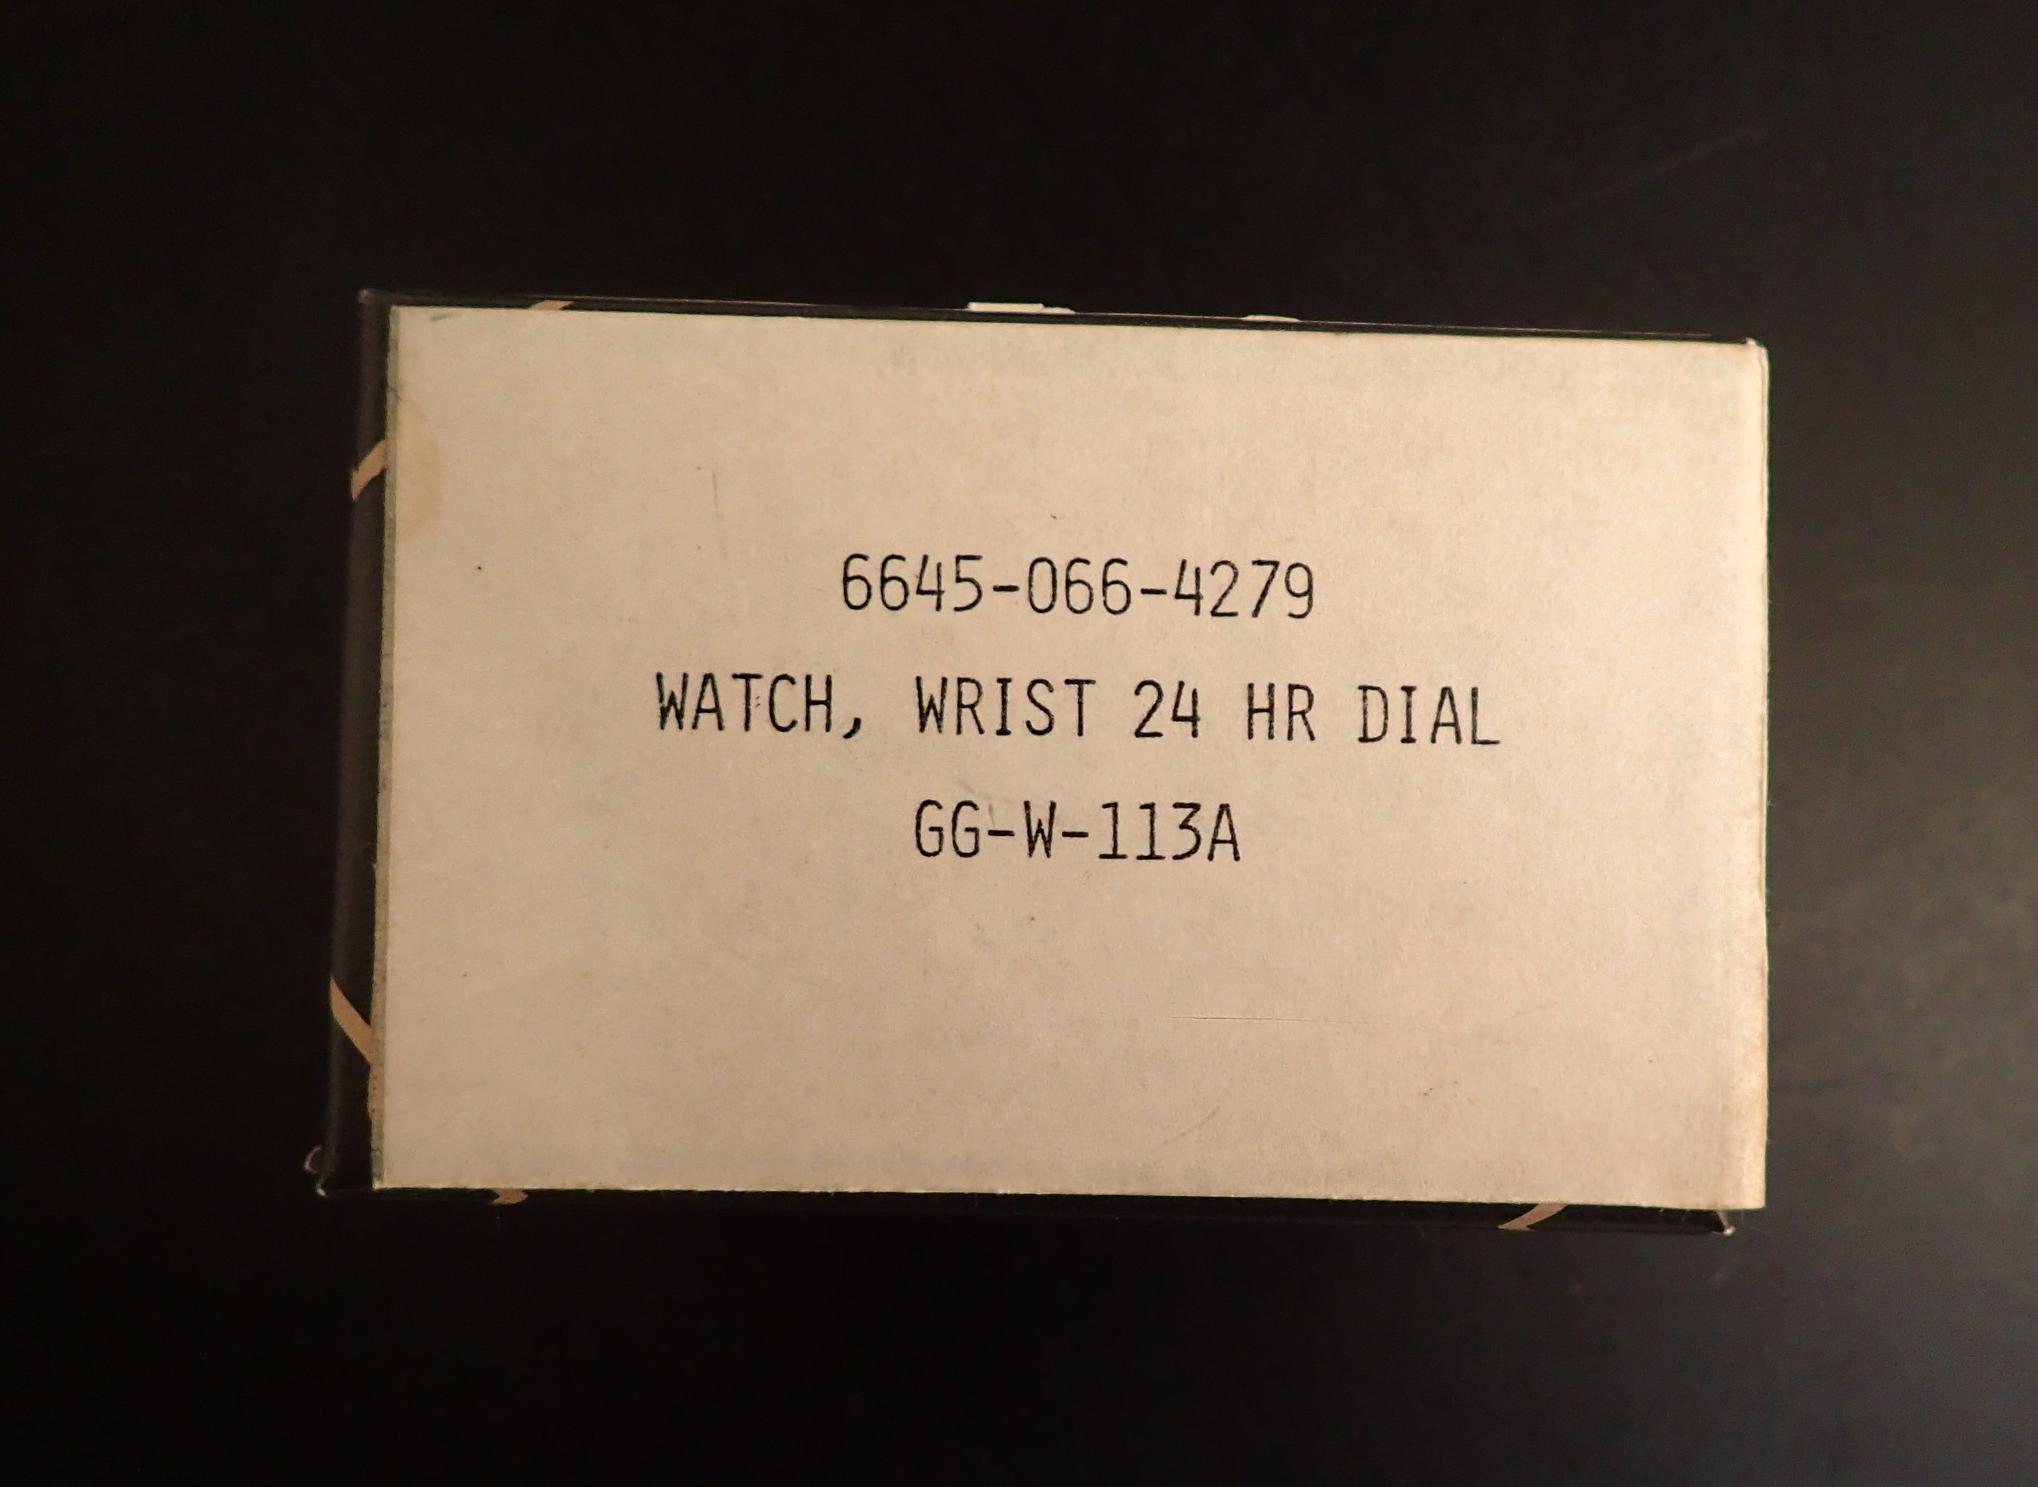 Big Khaki 9219 box with faux GG-W-113 labeling,...